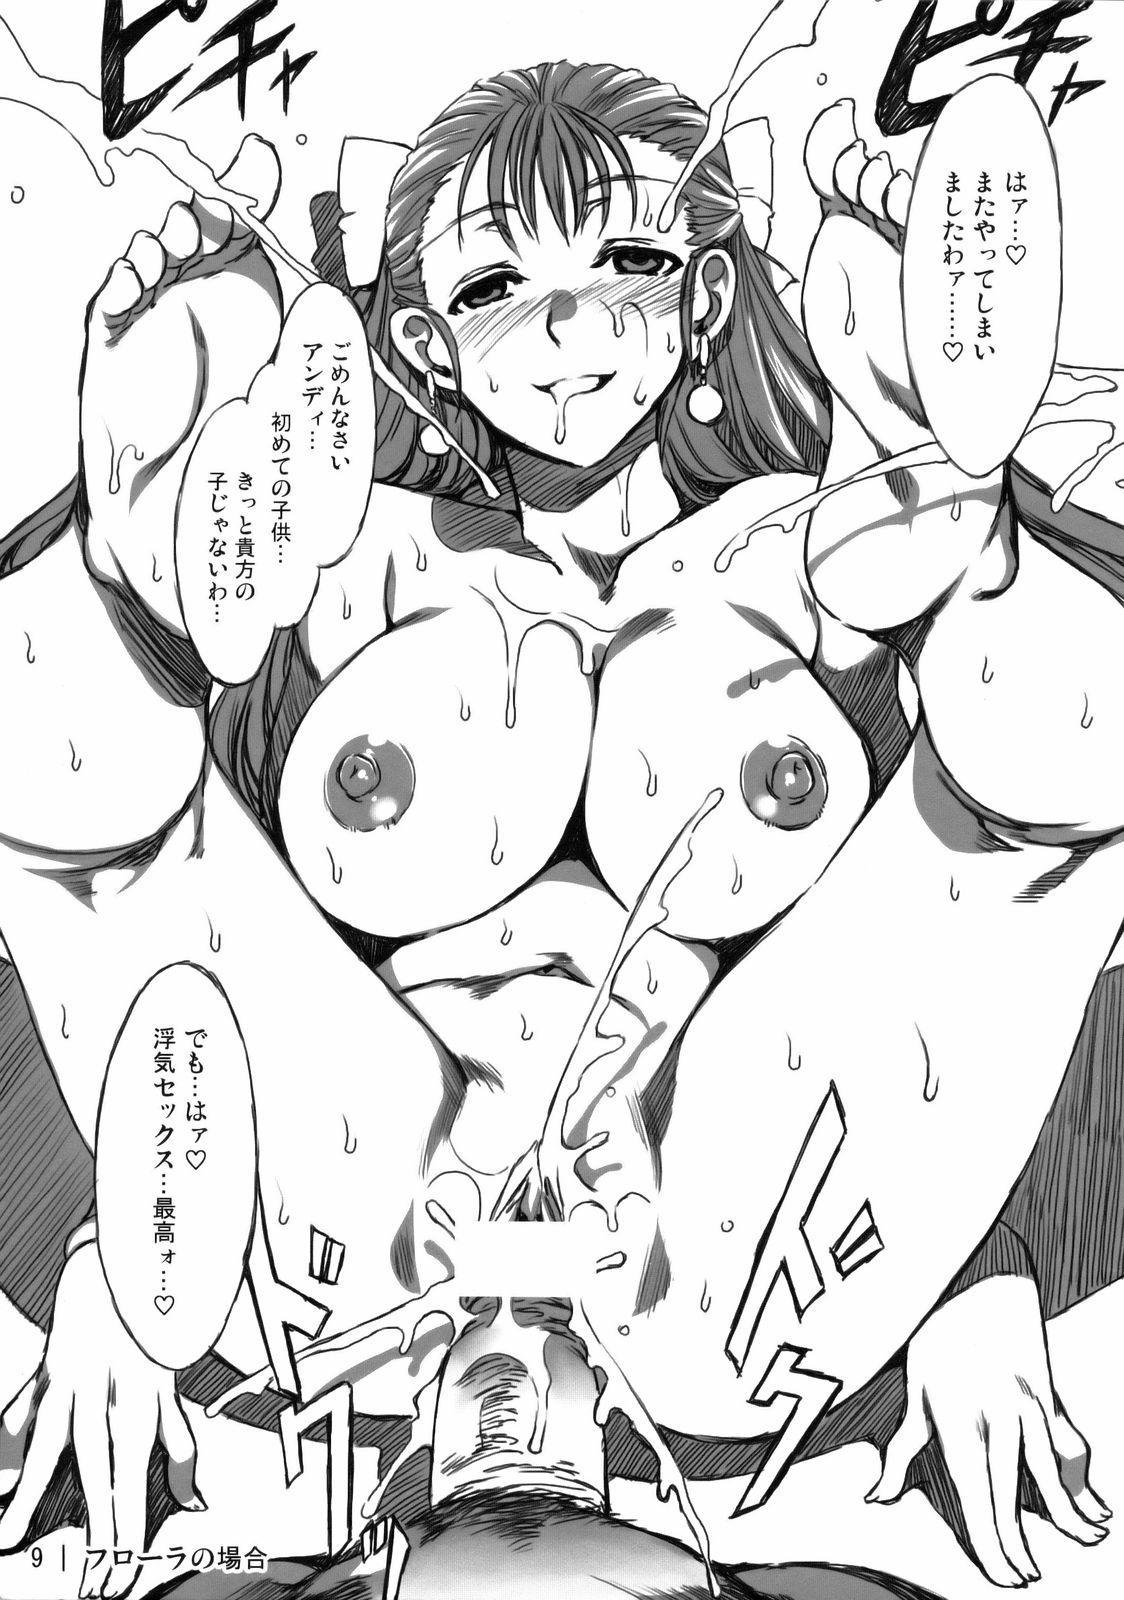 Tenkuu no Hanayome 8